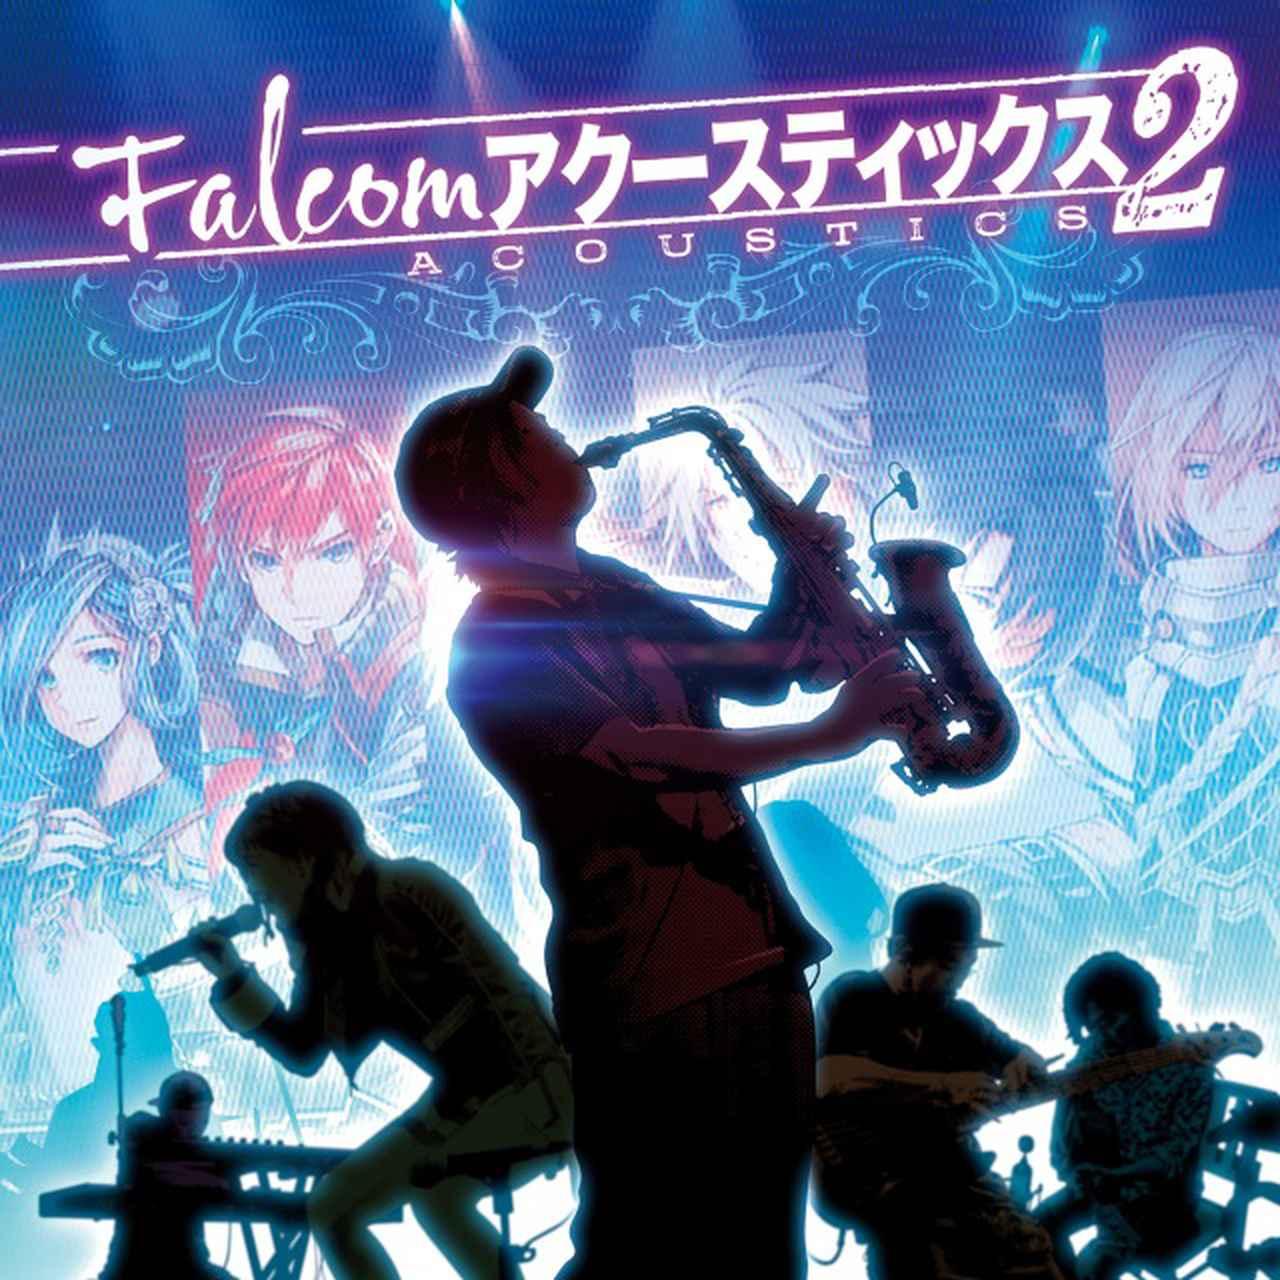 画像: Falcom アクースティックス 2 / Falcom Sound Team jdk on OTOTOY Music Store